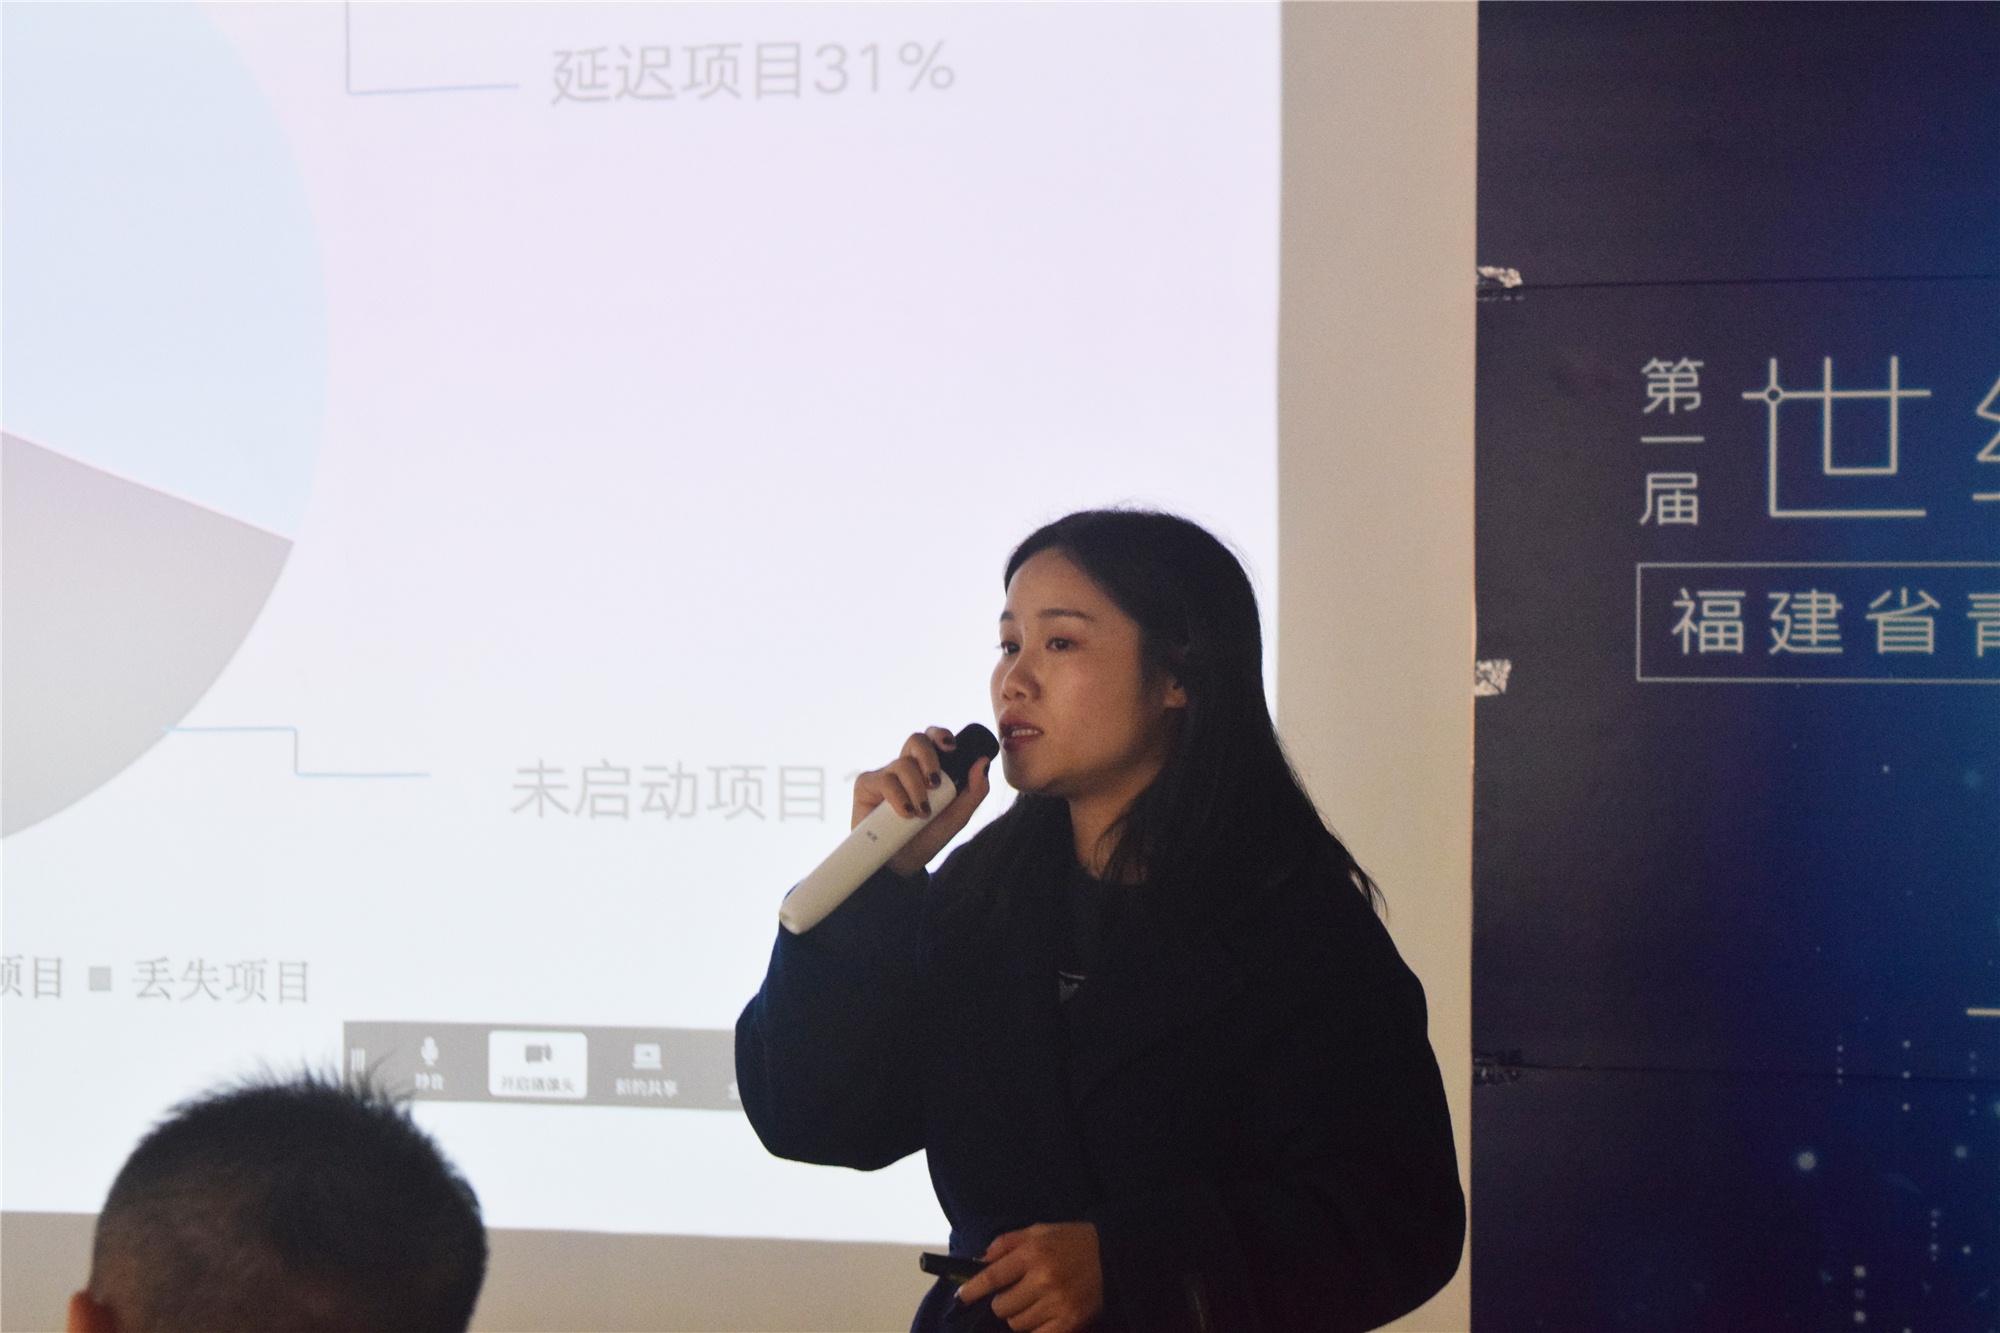 李小青总结.jpg